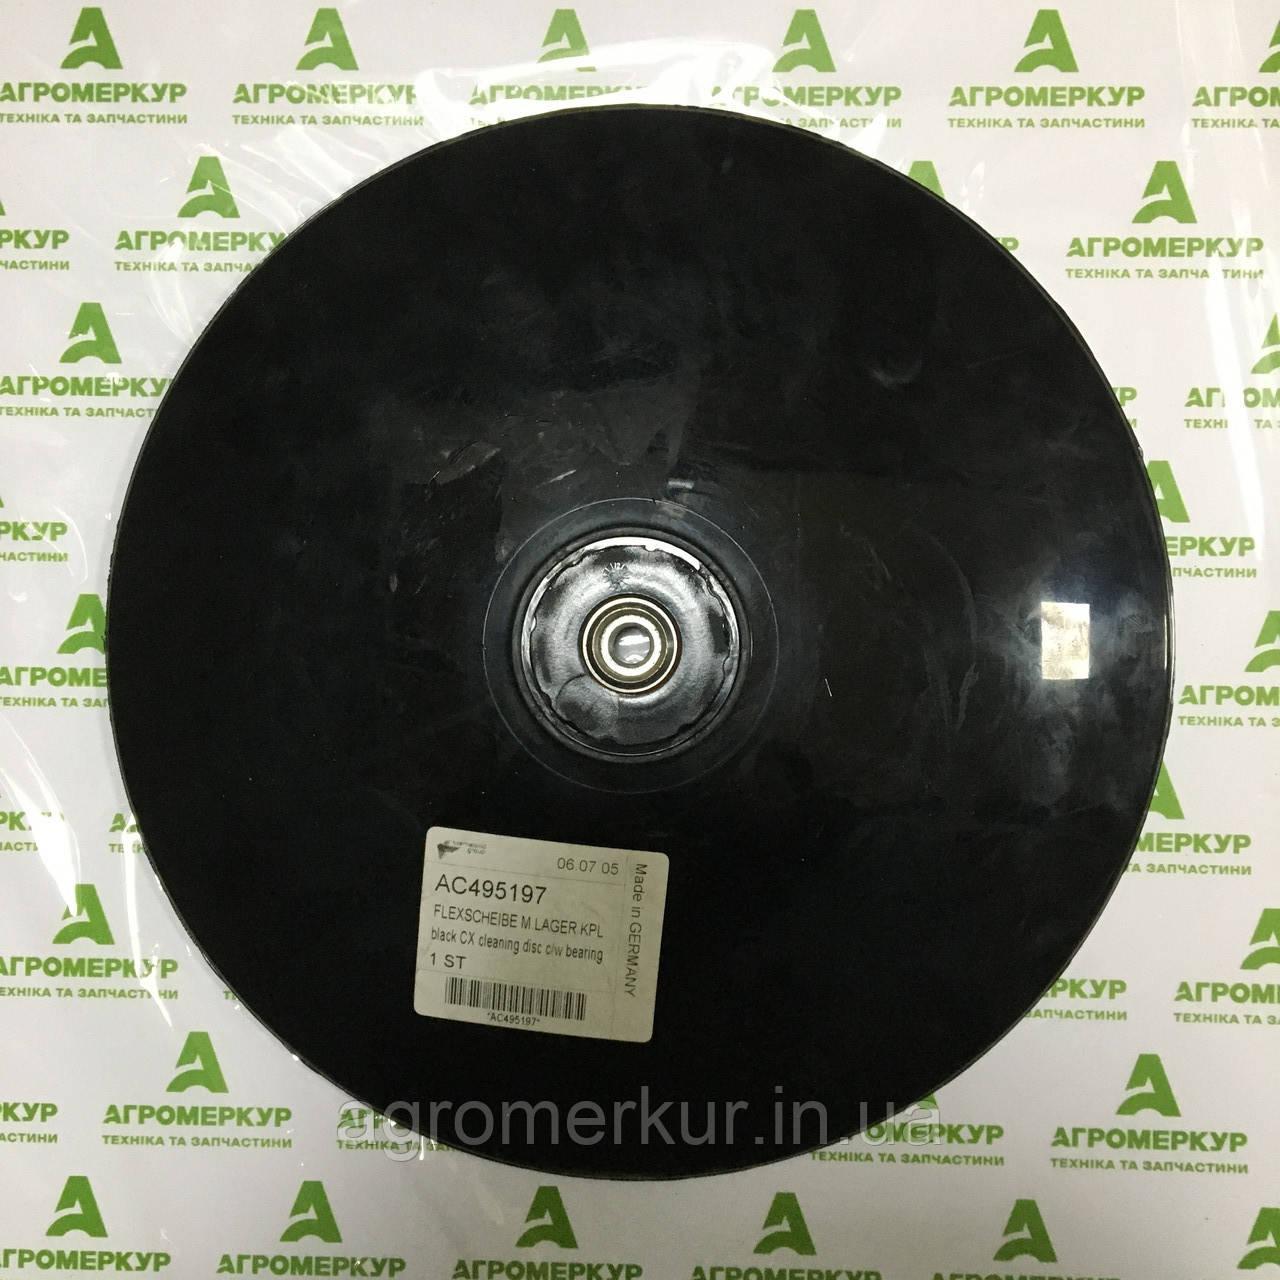 Очисний Диск AC495197 з підшипниками Kverneland